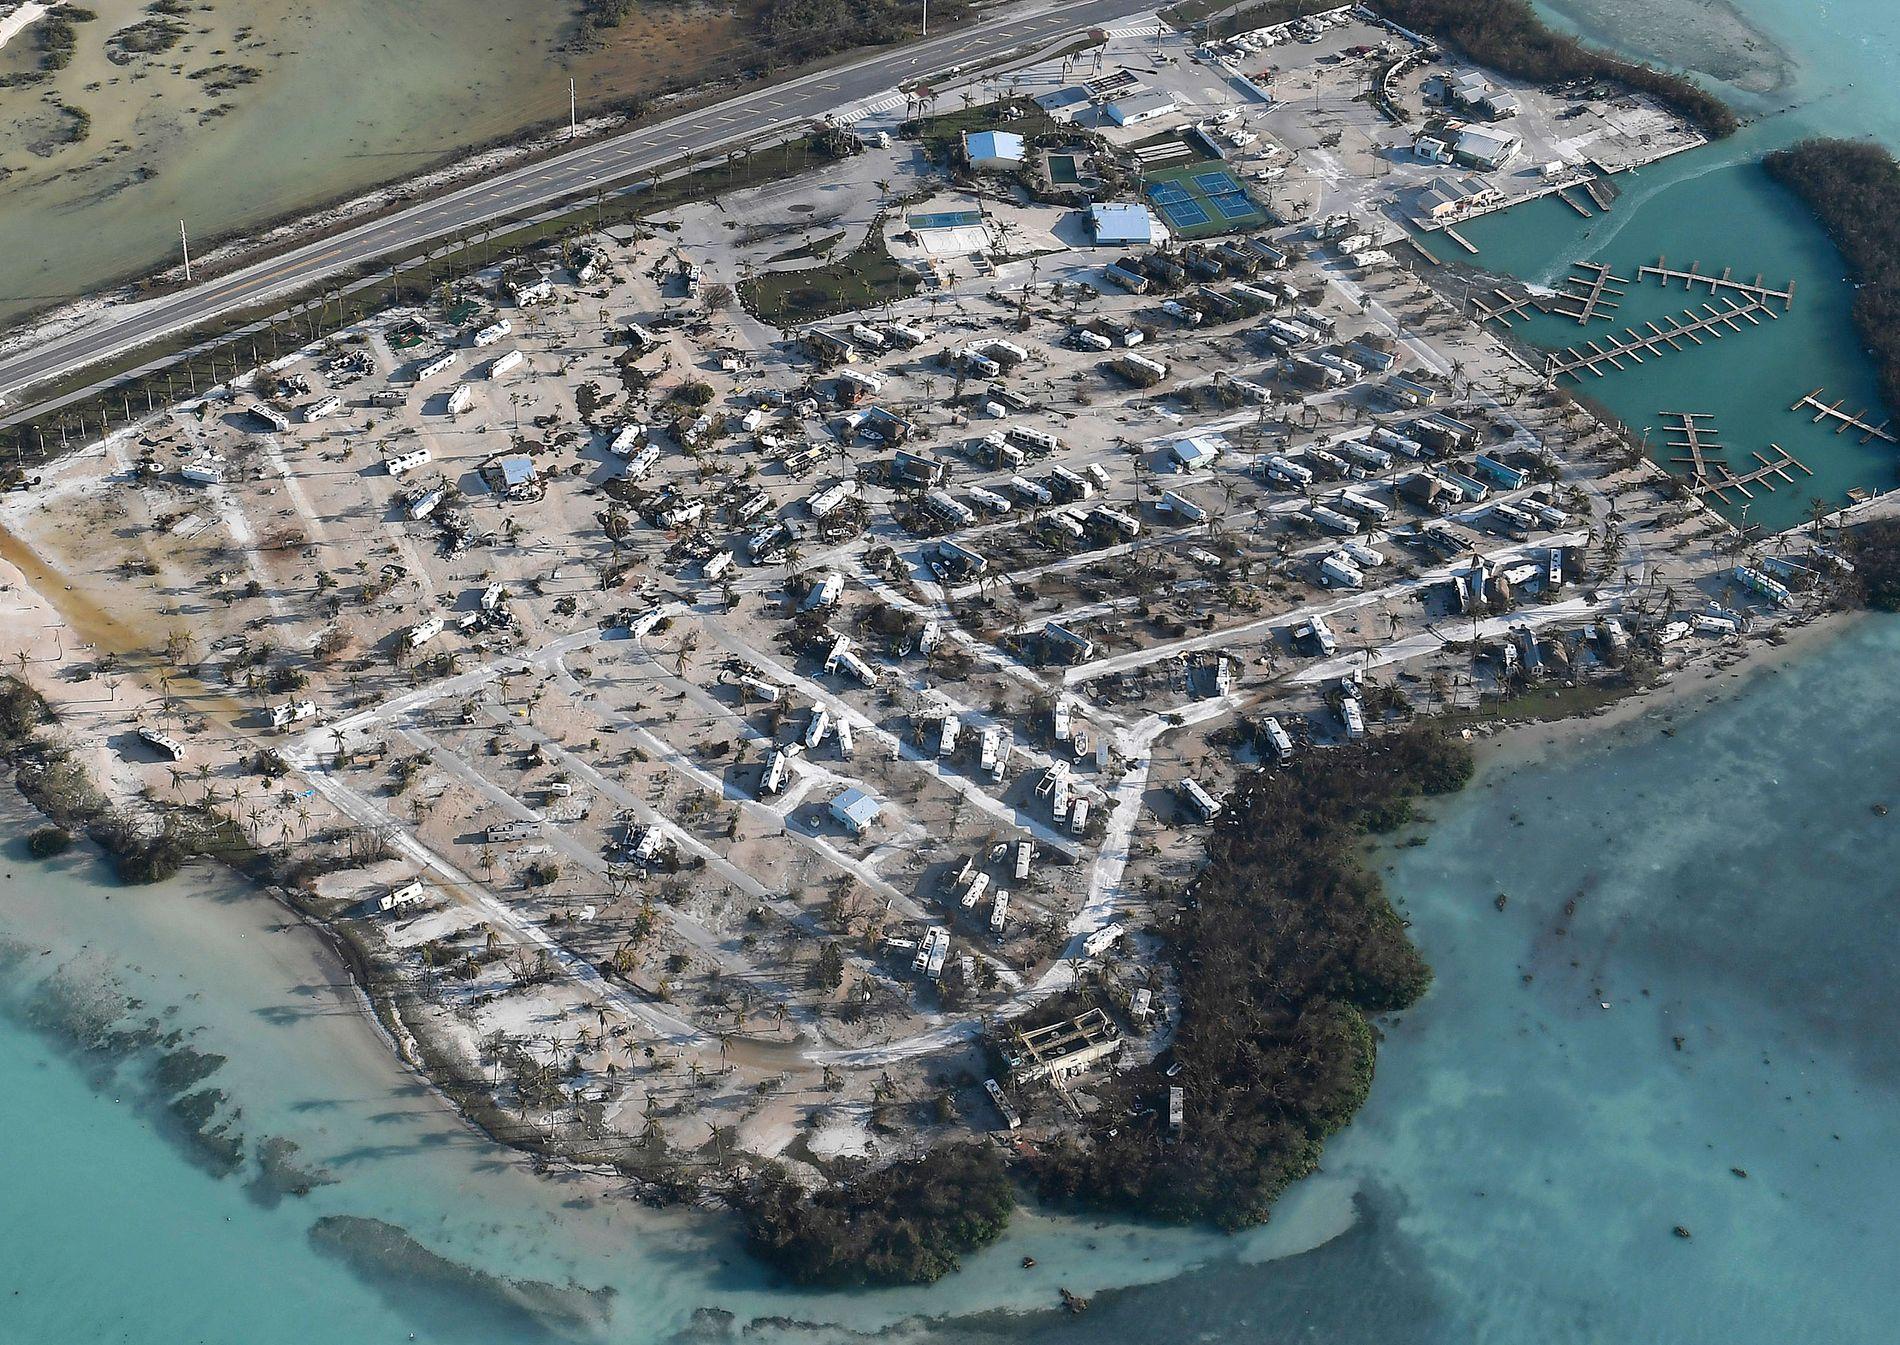 TATT AV VINDEN: Denne husvogn-parken på Florida Keys ble destruert av orkanen Irma i september.